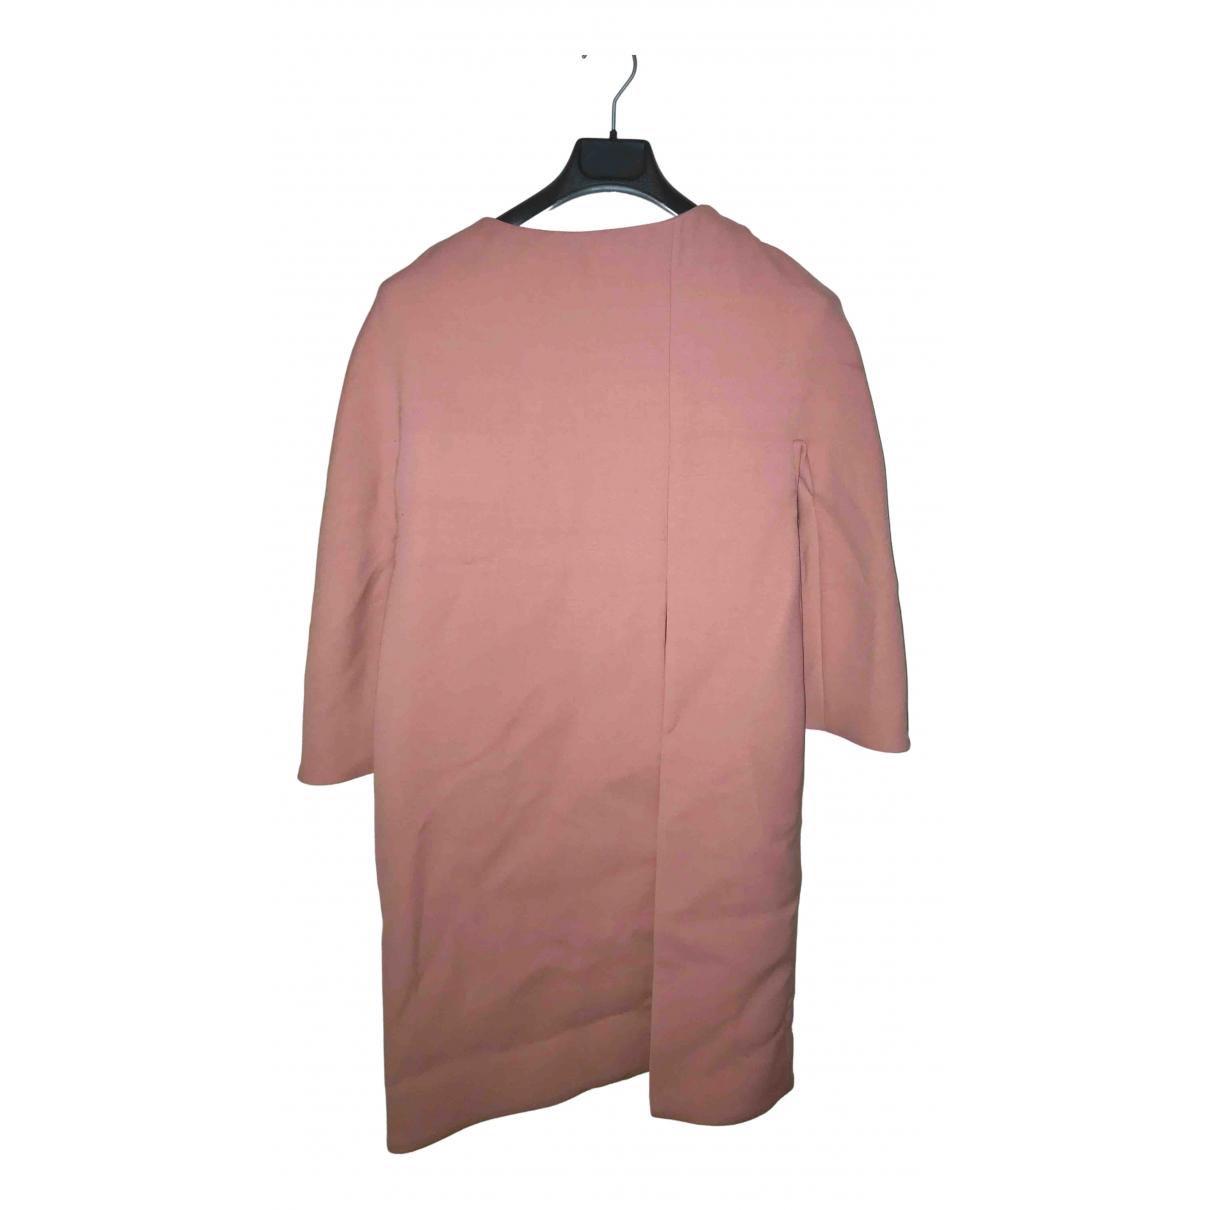 Marni \N Pink Wool dress for Women 38 IT